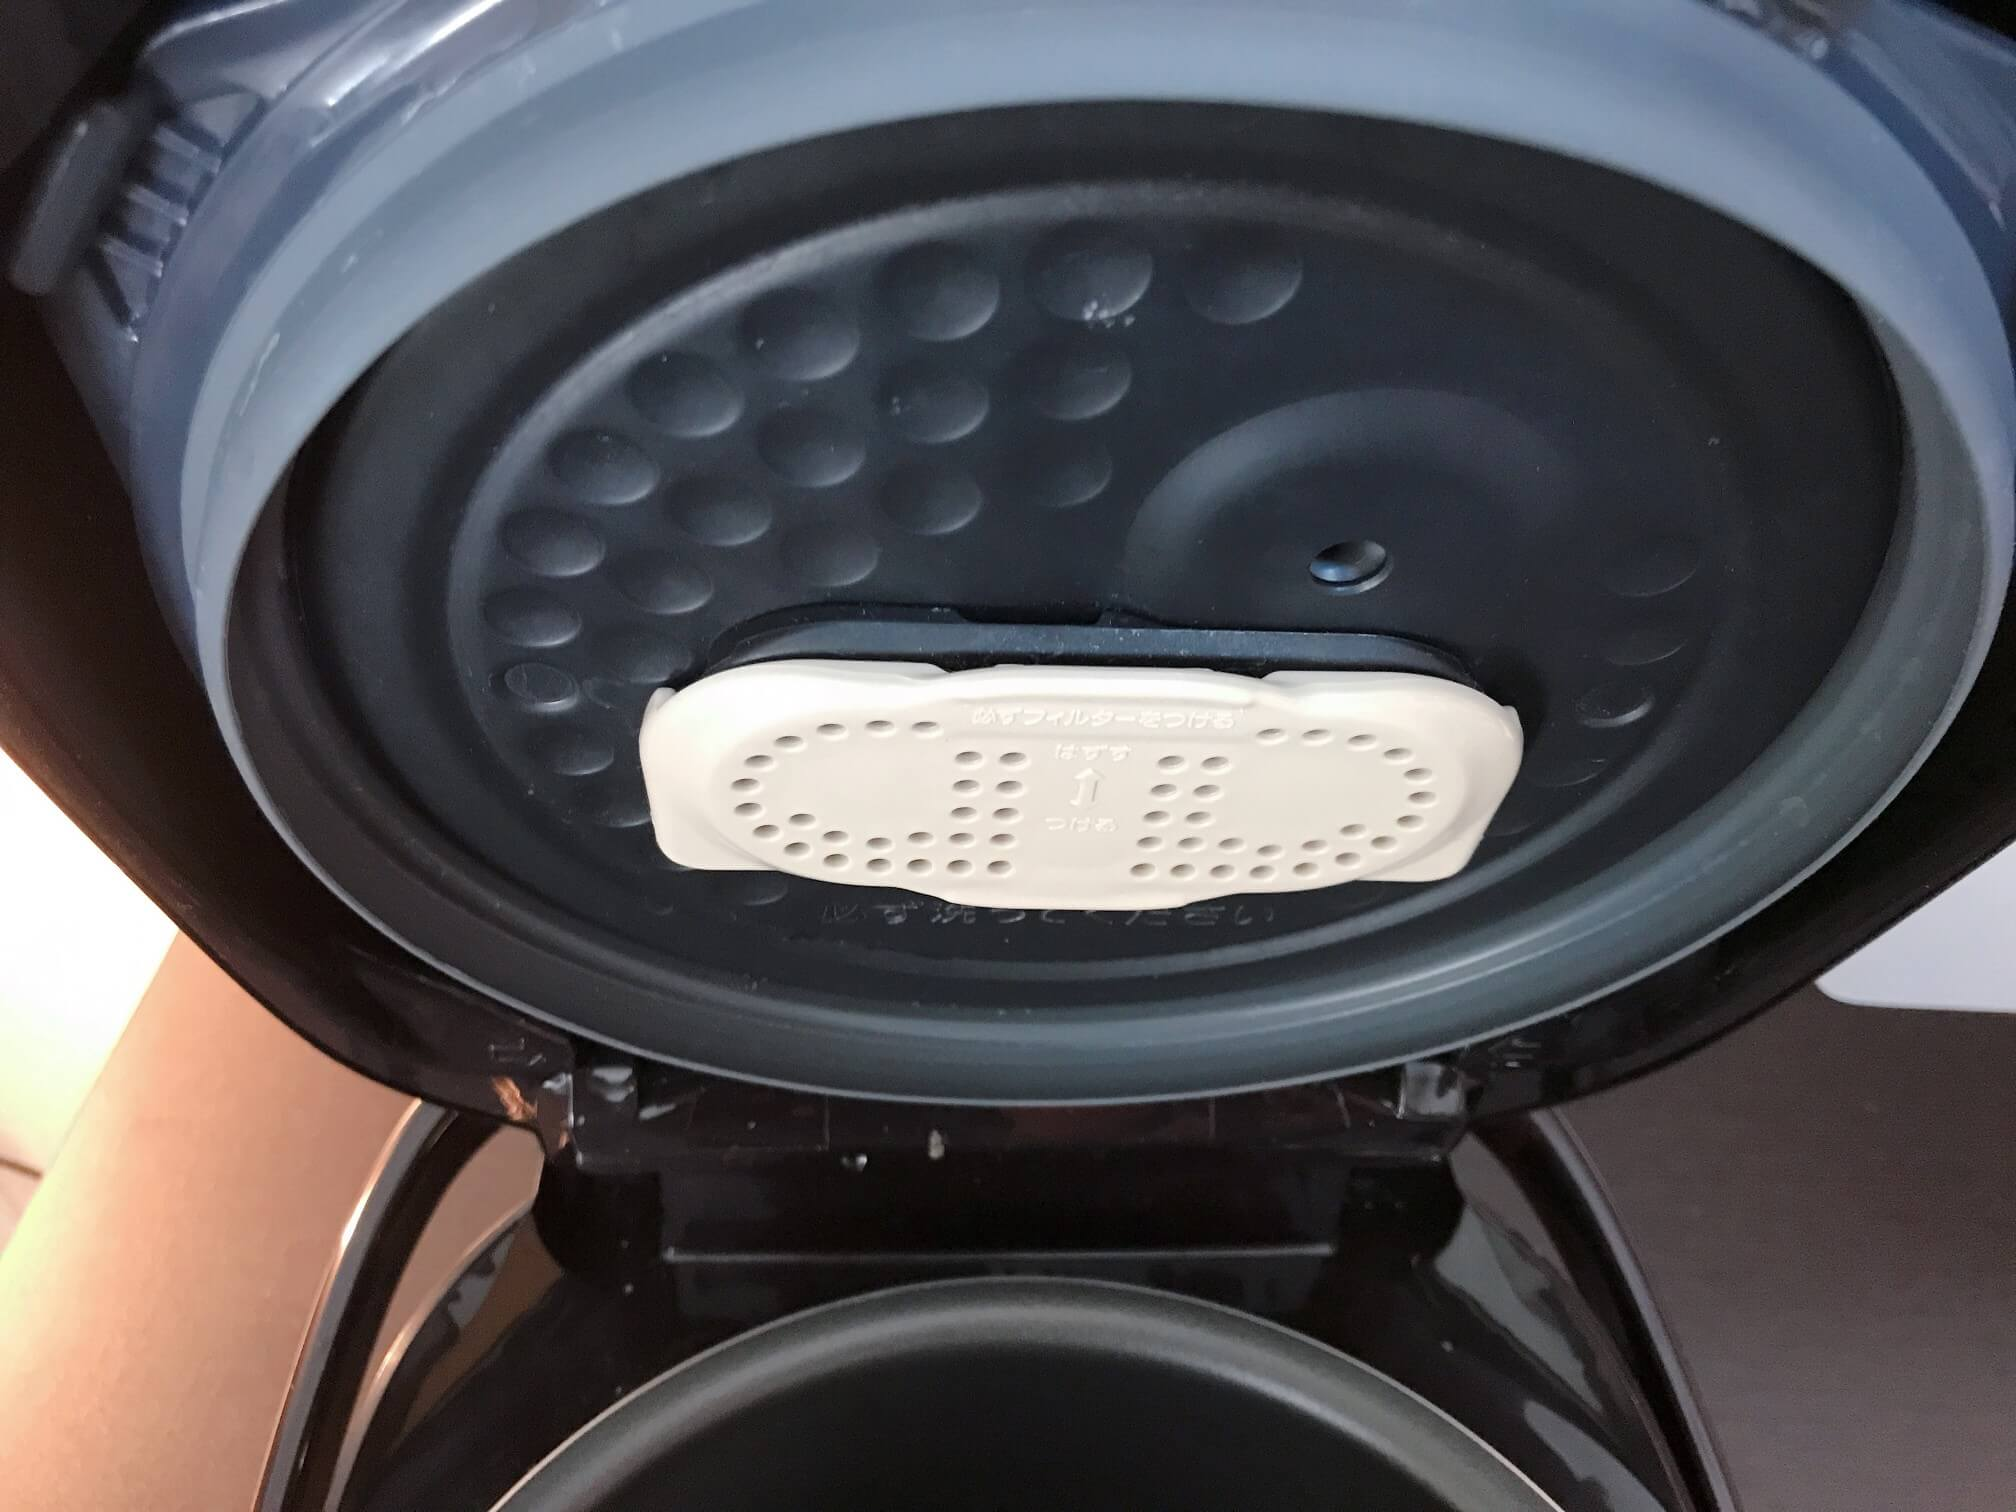 象印の炊飯器 極め炊き「NP-ZD10-TD」の蓋の部分